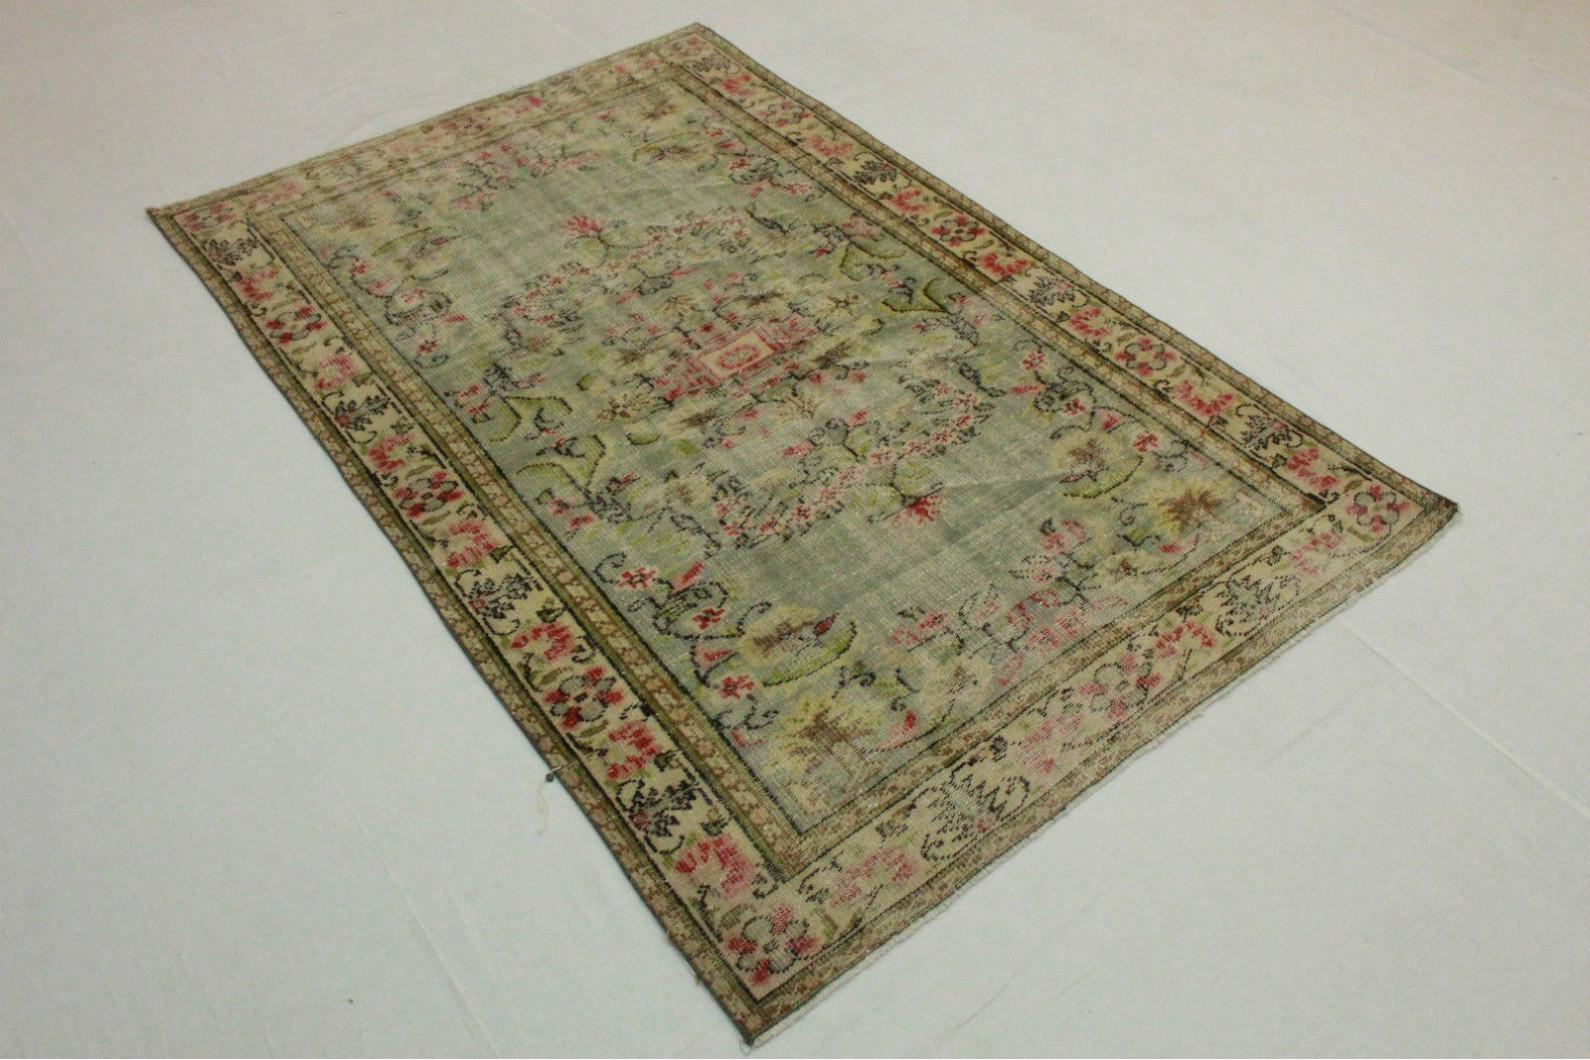 Vintage teppich grün beige in cm  bei carpetido